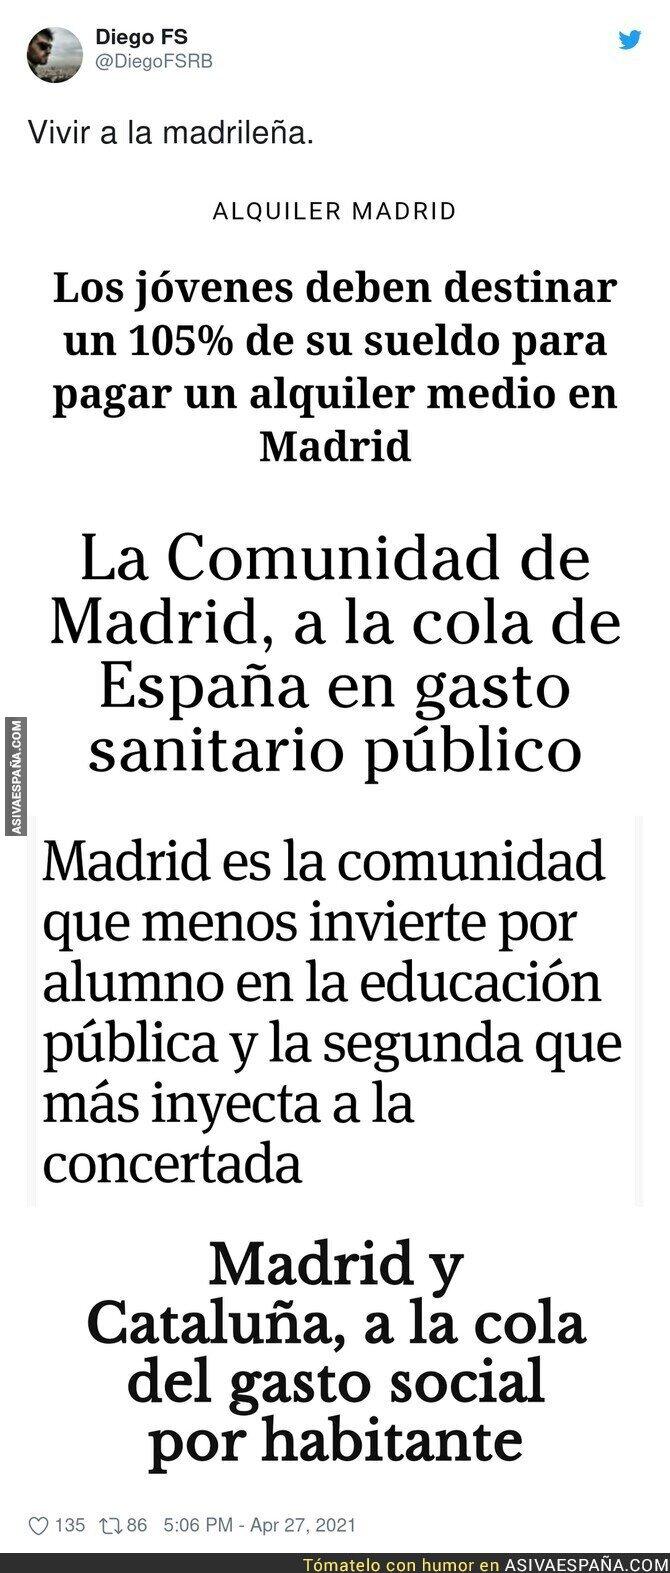 726558 - Los placeres de vivir a la madrileña